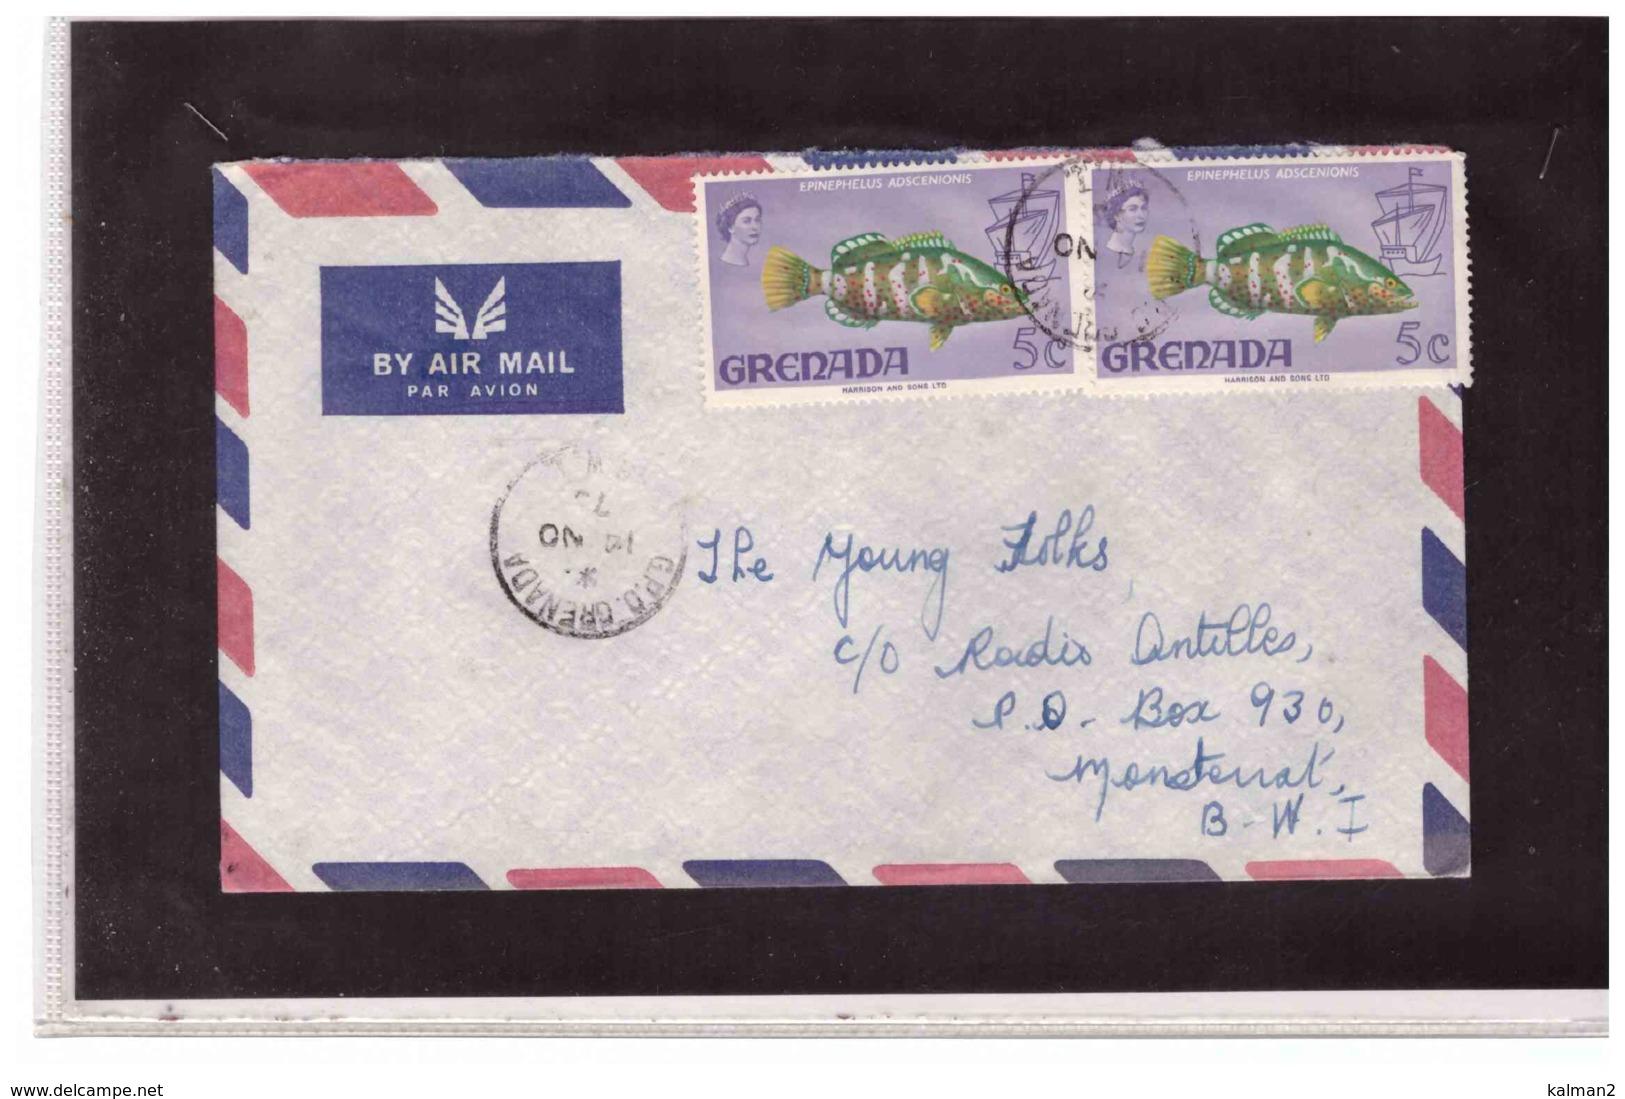 TEM10232   -   GRENADA   -  AIR  MAIL COVER TO  MONTSERRAT - Grenada (1974-...)